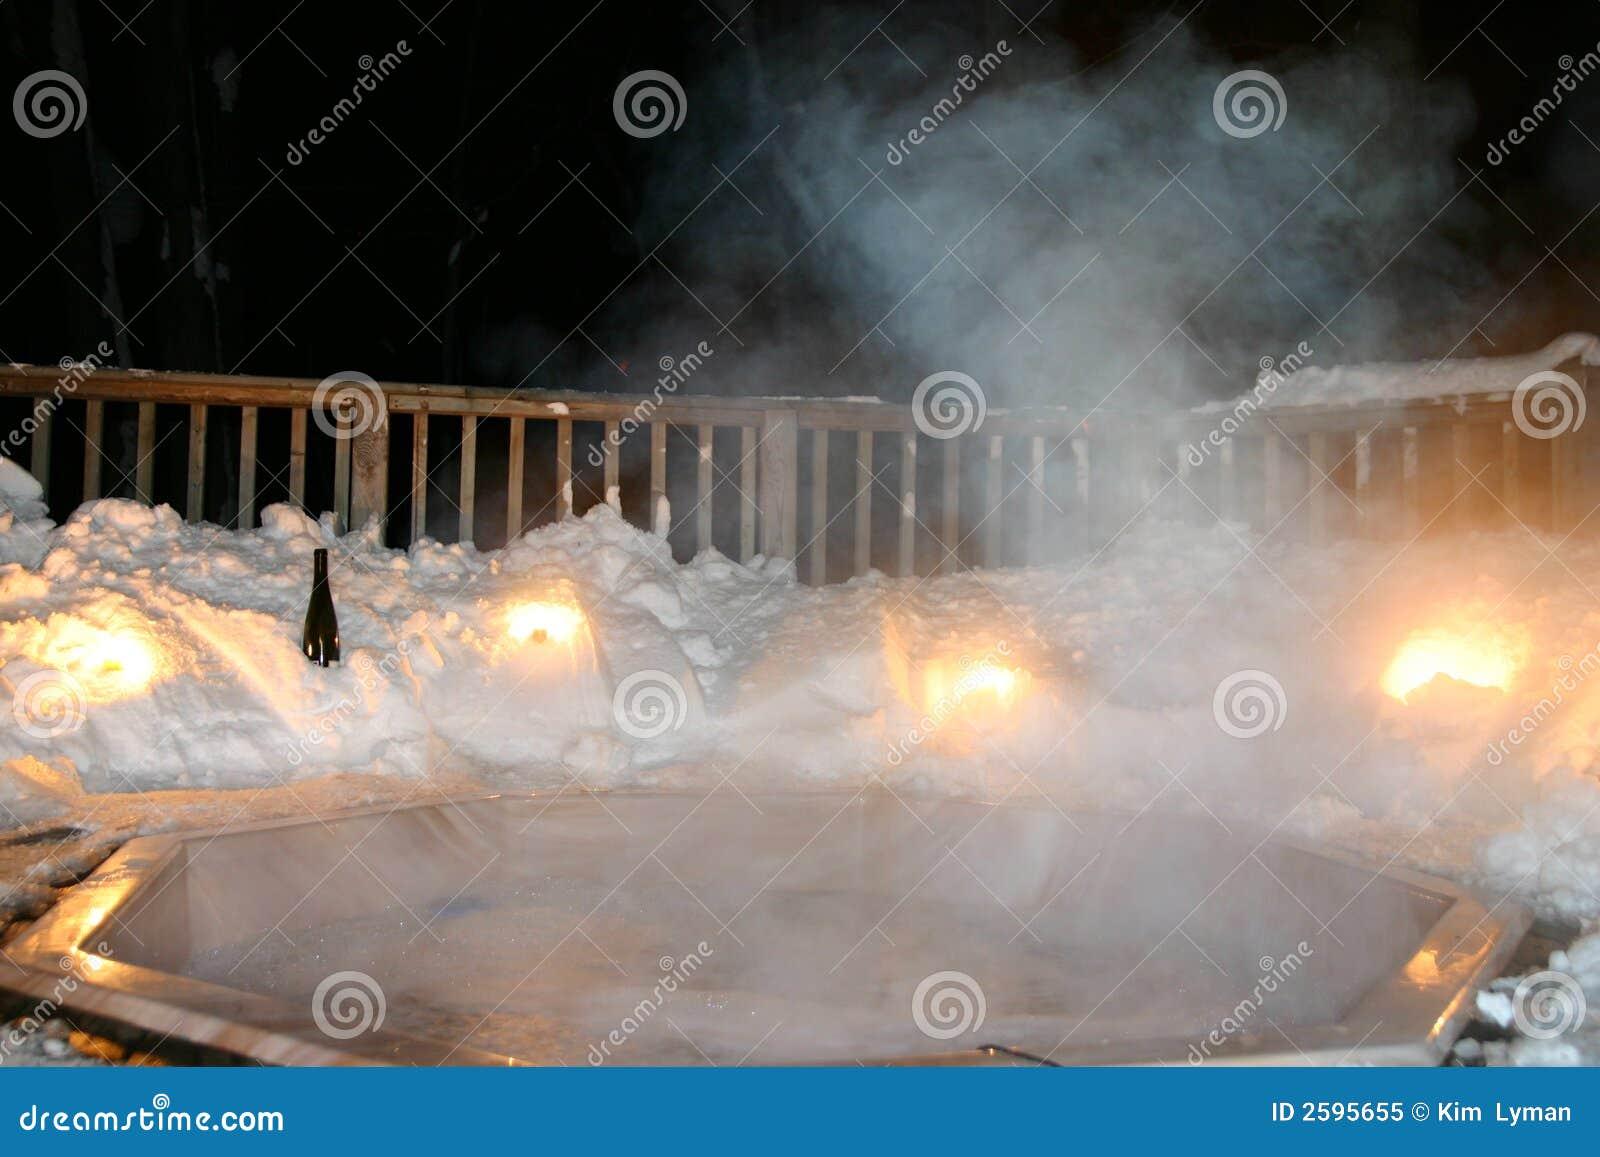 Tina caliente del invierno en la noche